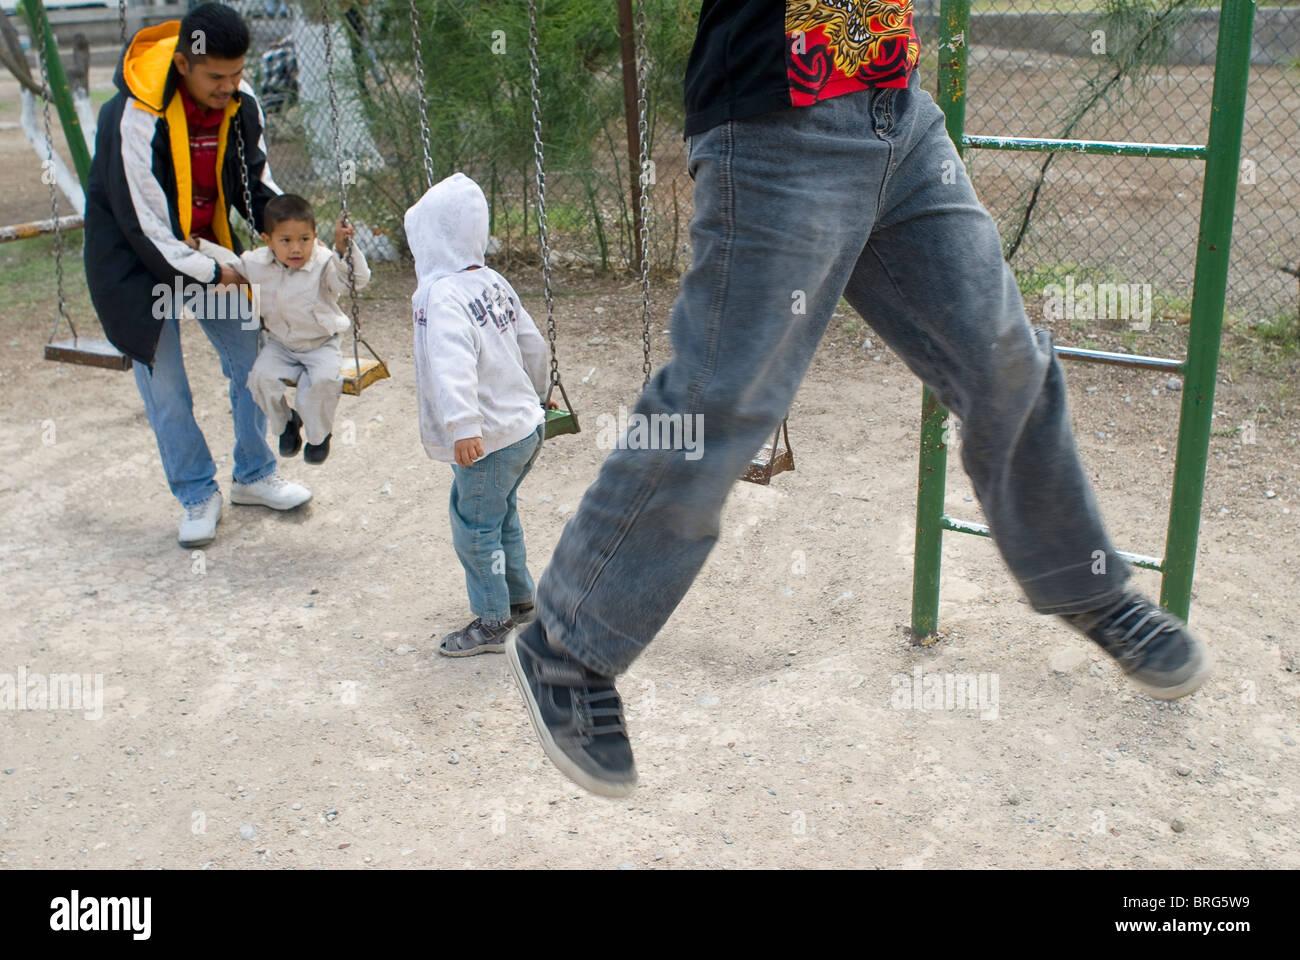 Klettergerüst Haus : Mauricio und seine söhne spielen auf der schaukel klettergerüst